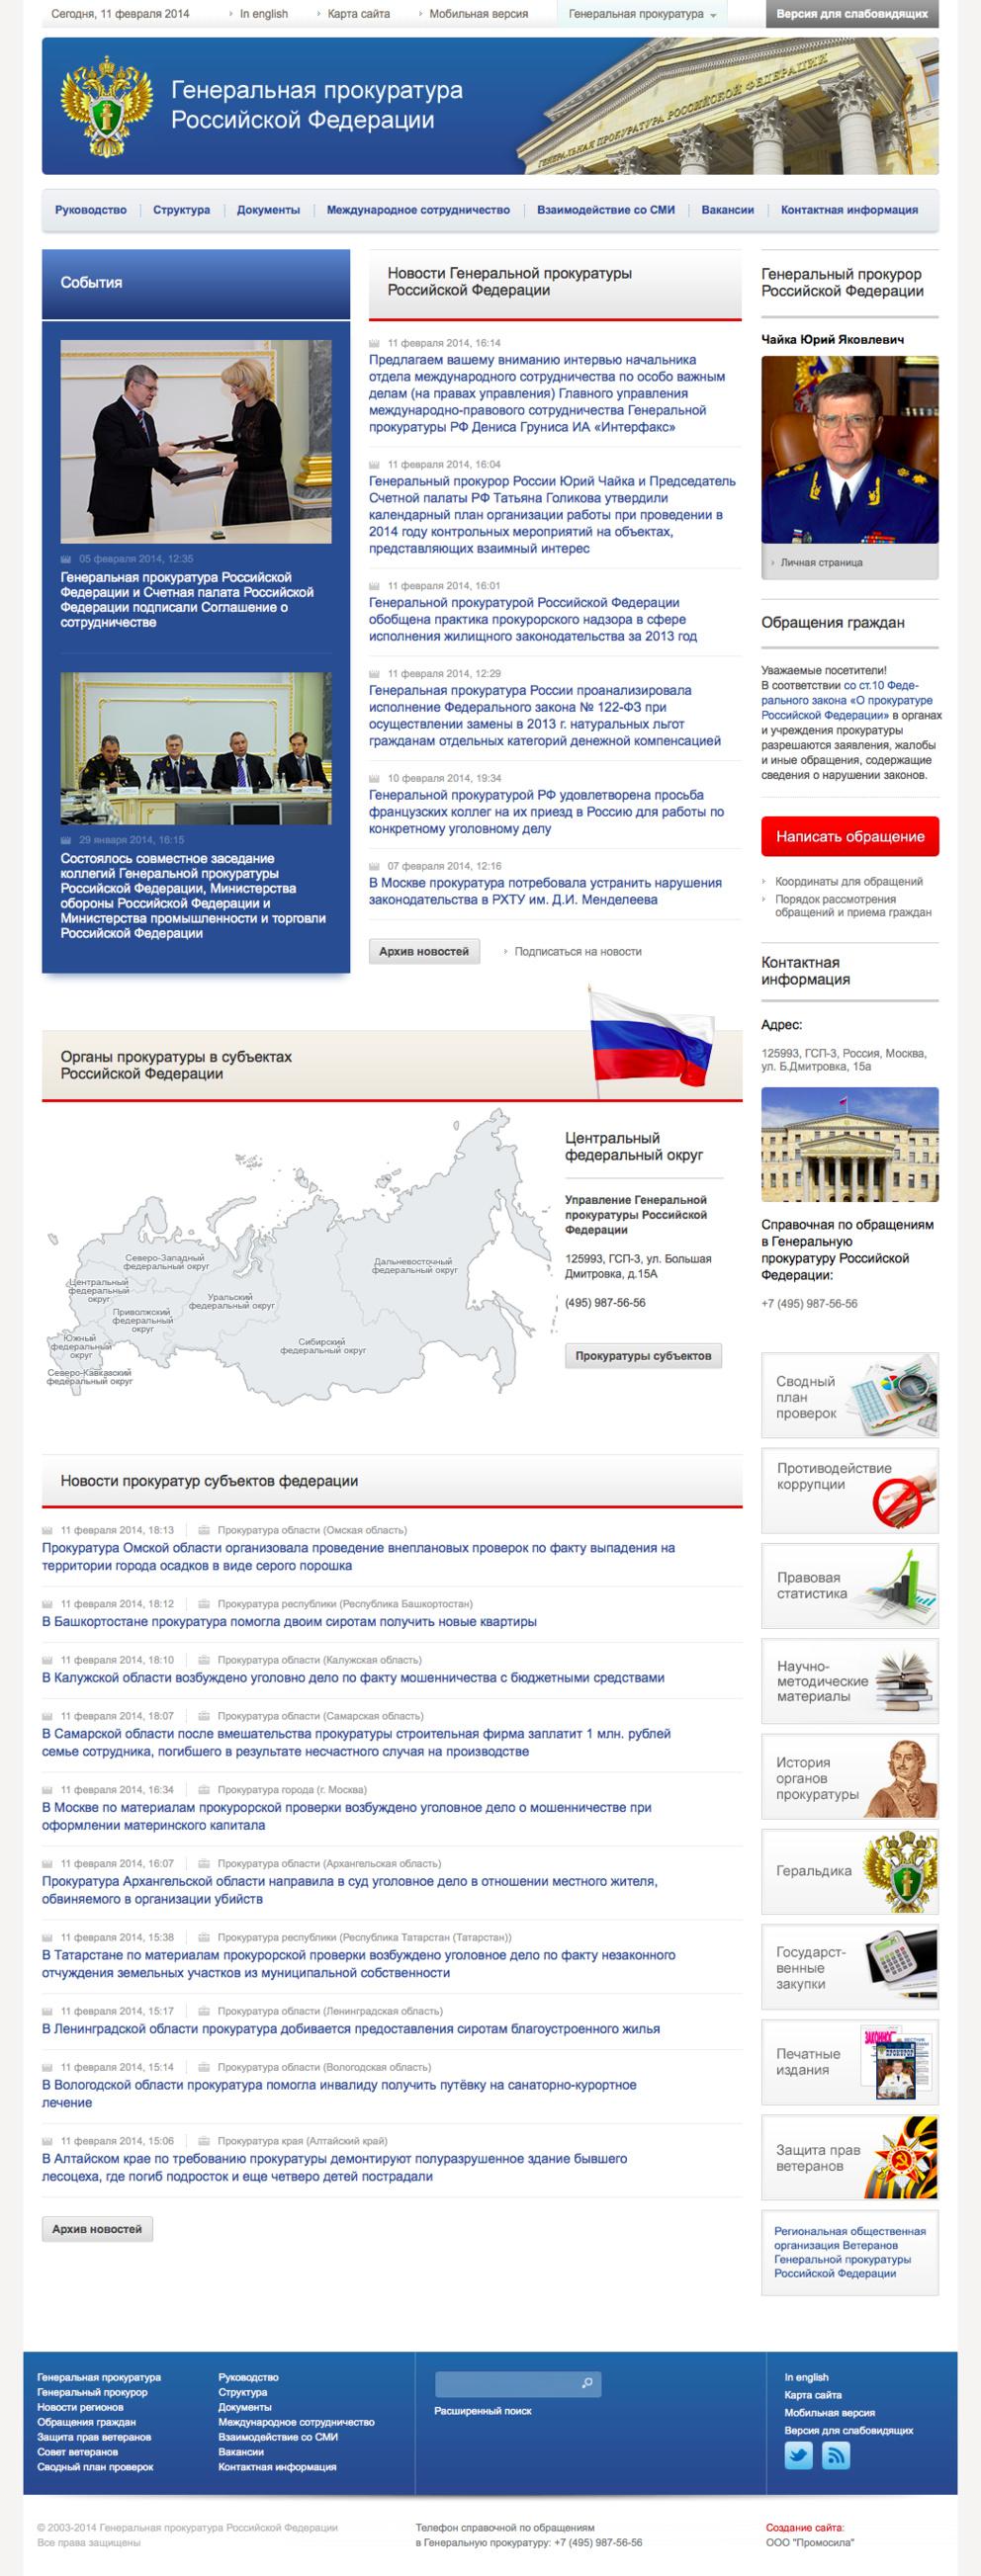 сайт Генеральной прокуратуры РФ / Проект компании Промосила